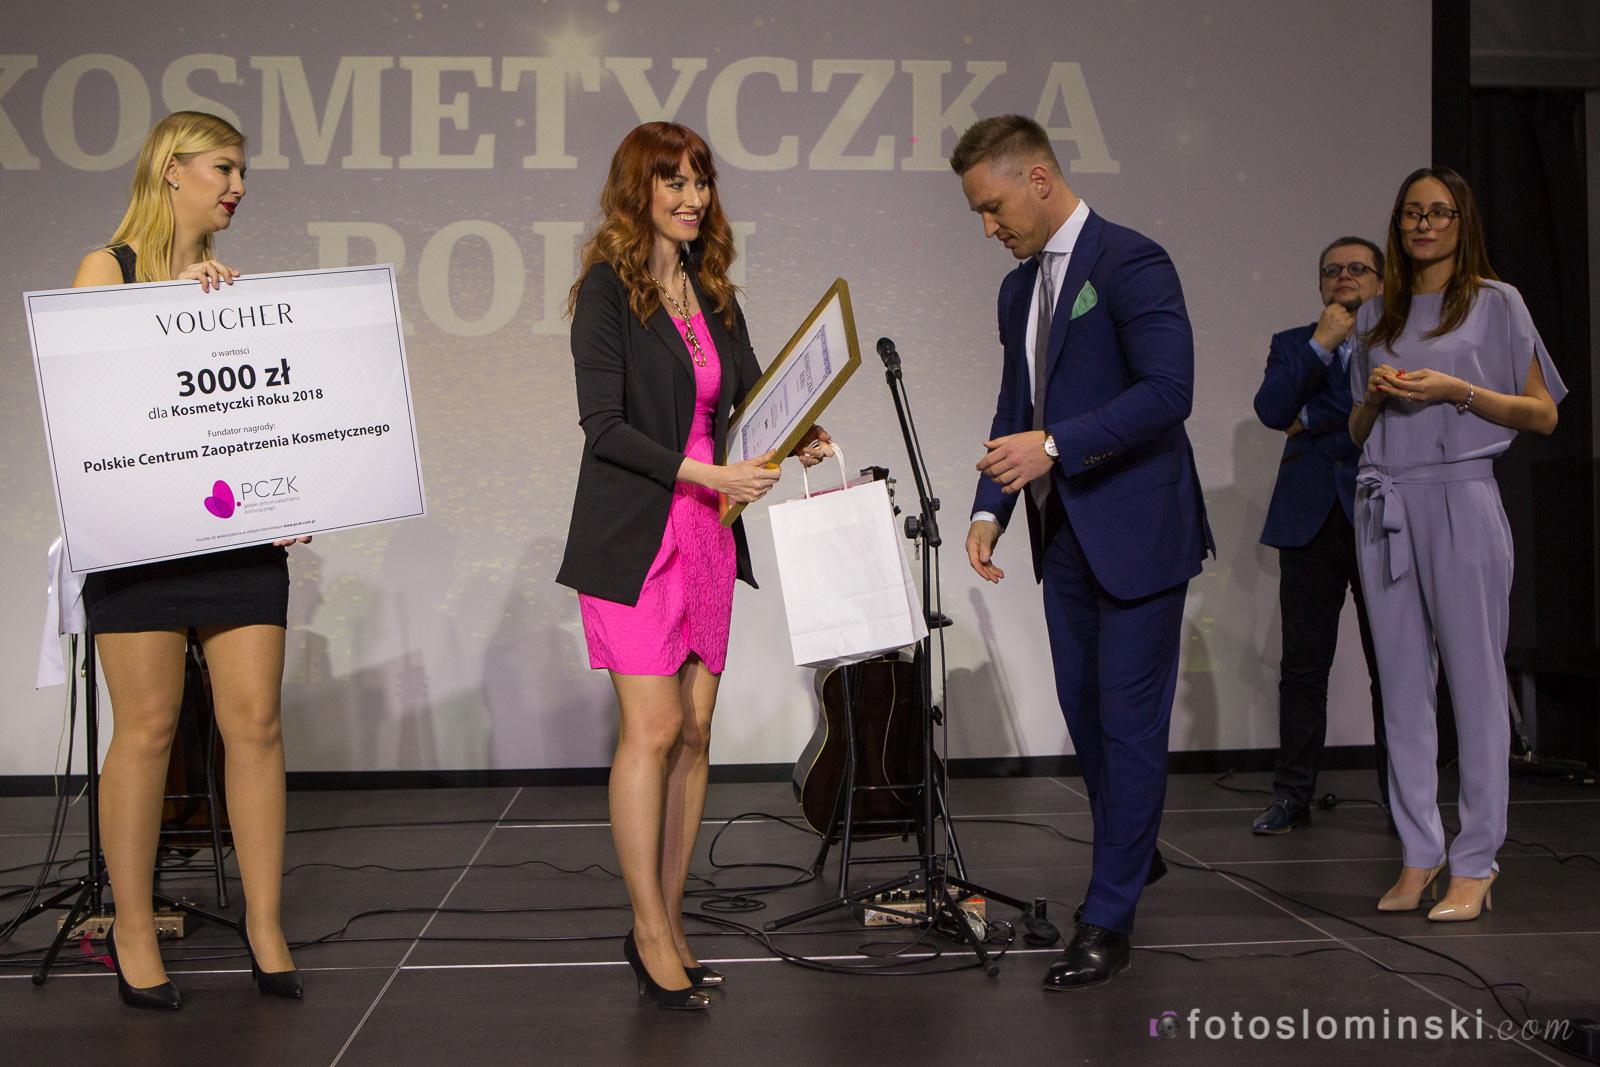 mistrzowie urody wrocław - Finał - Najlepsza Kosmetyczka na Dolnym Śląsku - Wrocław. Salon kosmetyczny Wrocław. Salon kosmetyczny.